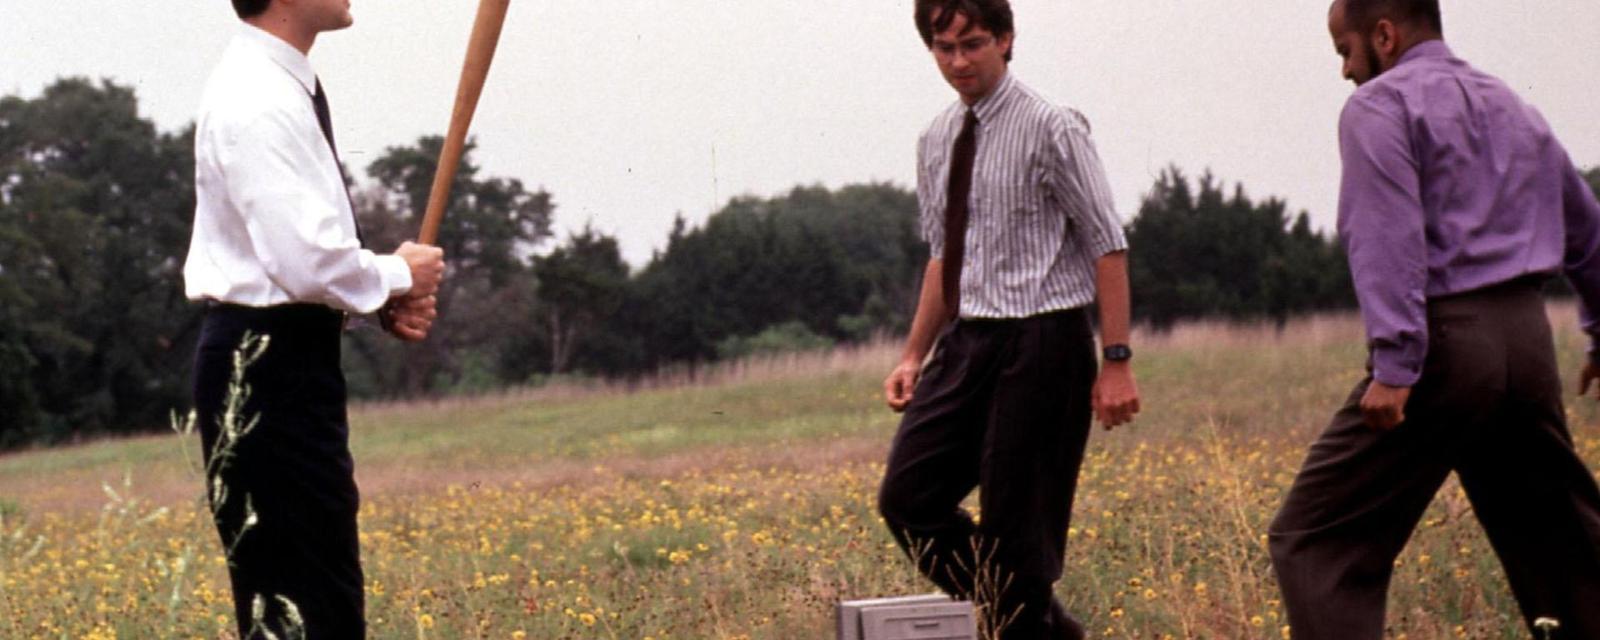 Фильму «Офисное пространство» 20 лет: как он изменил наши рабочие места - 1